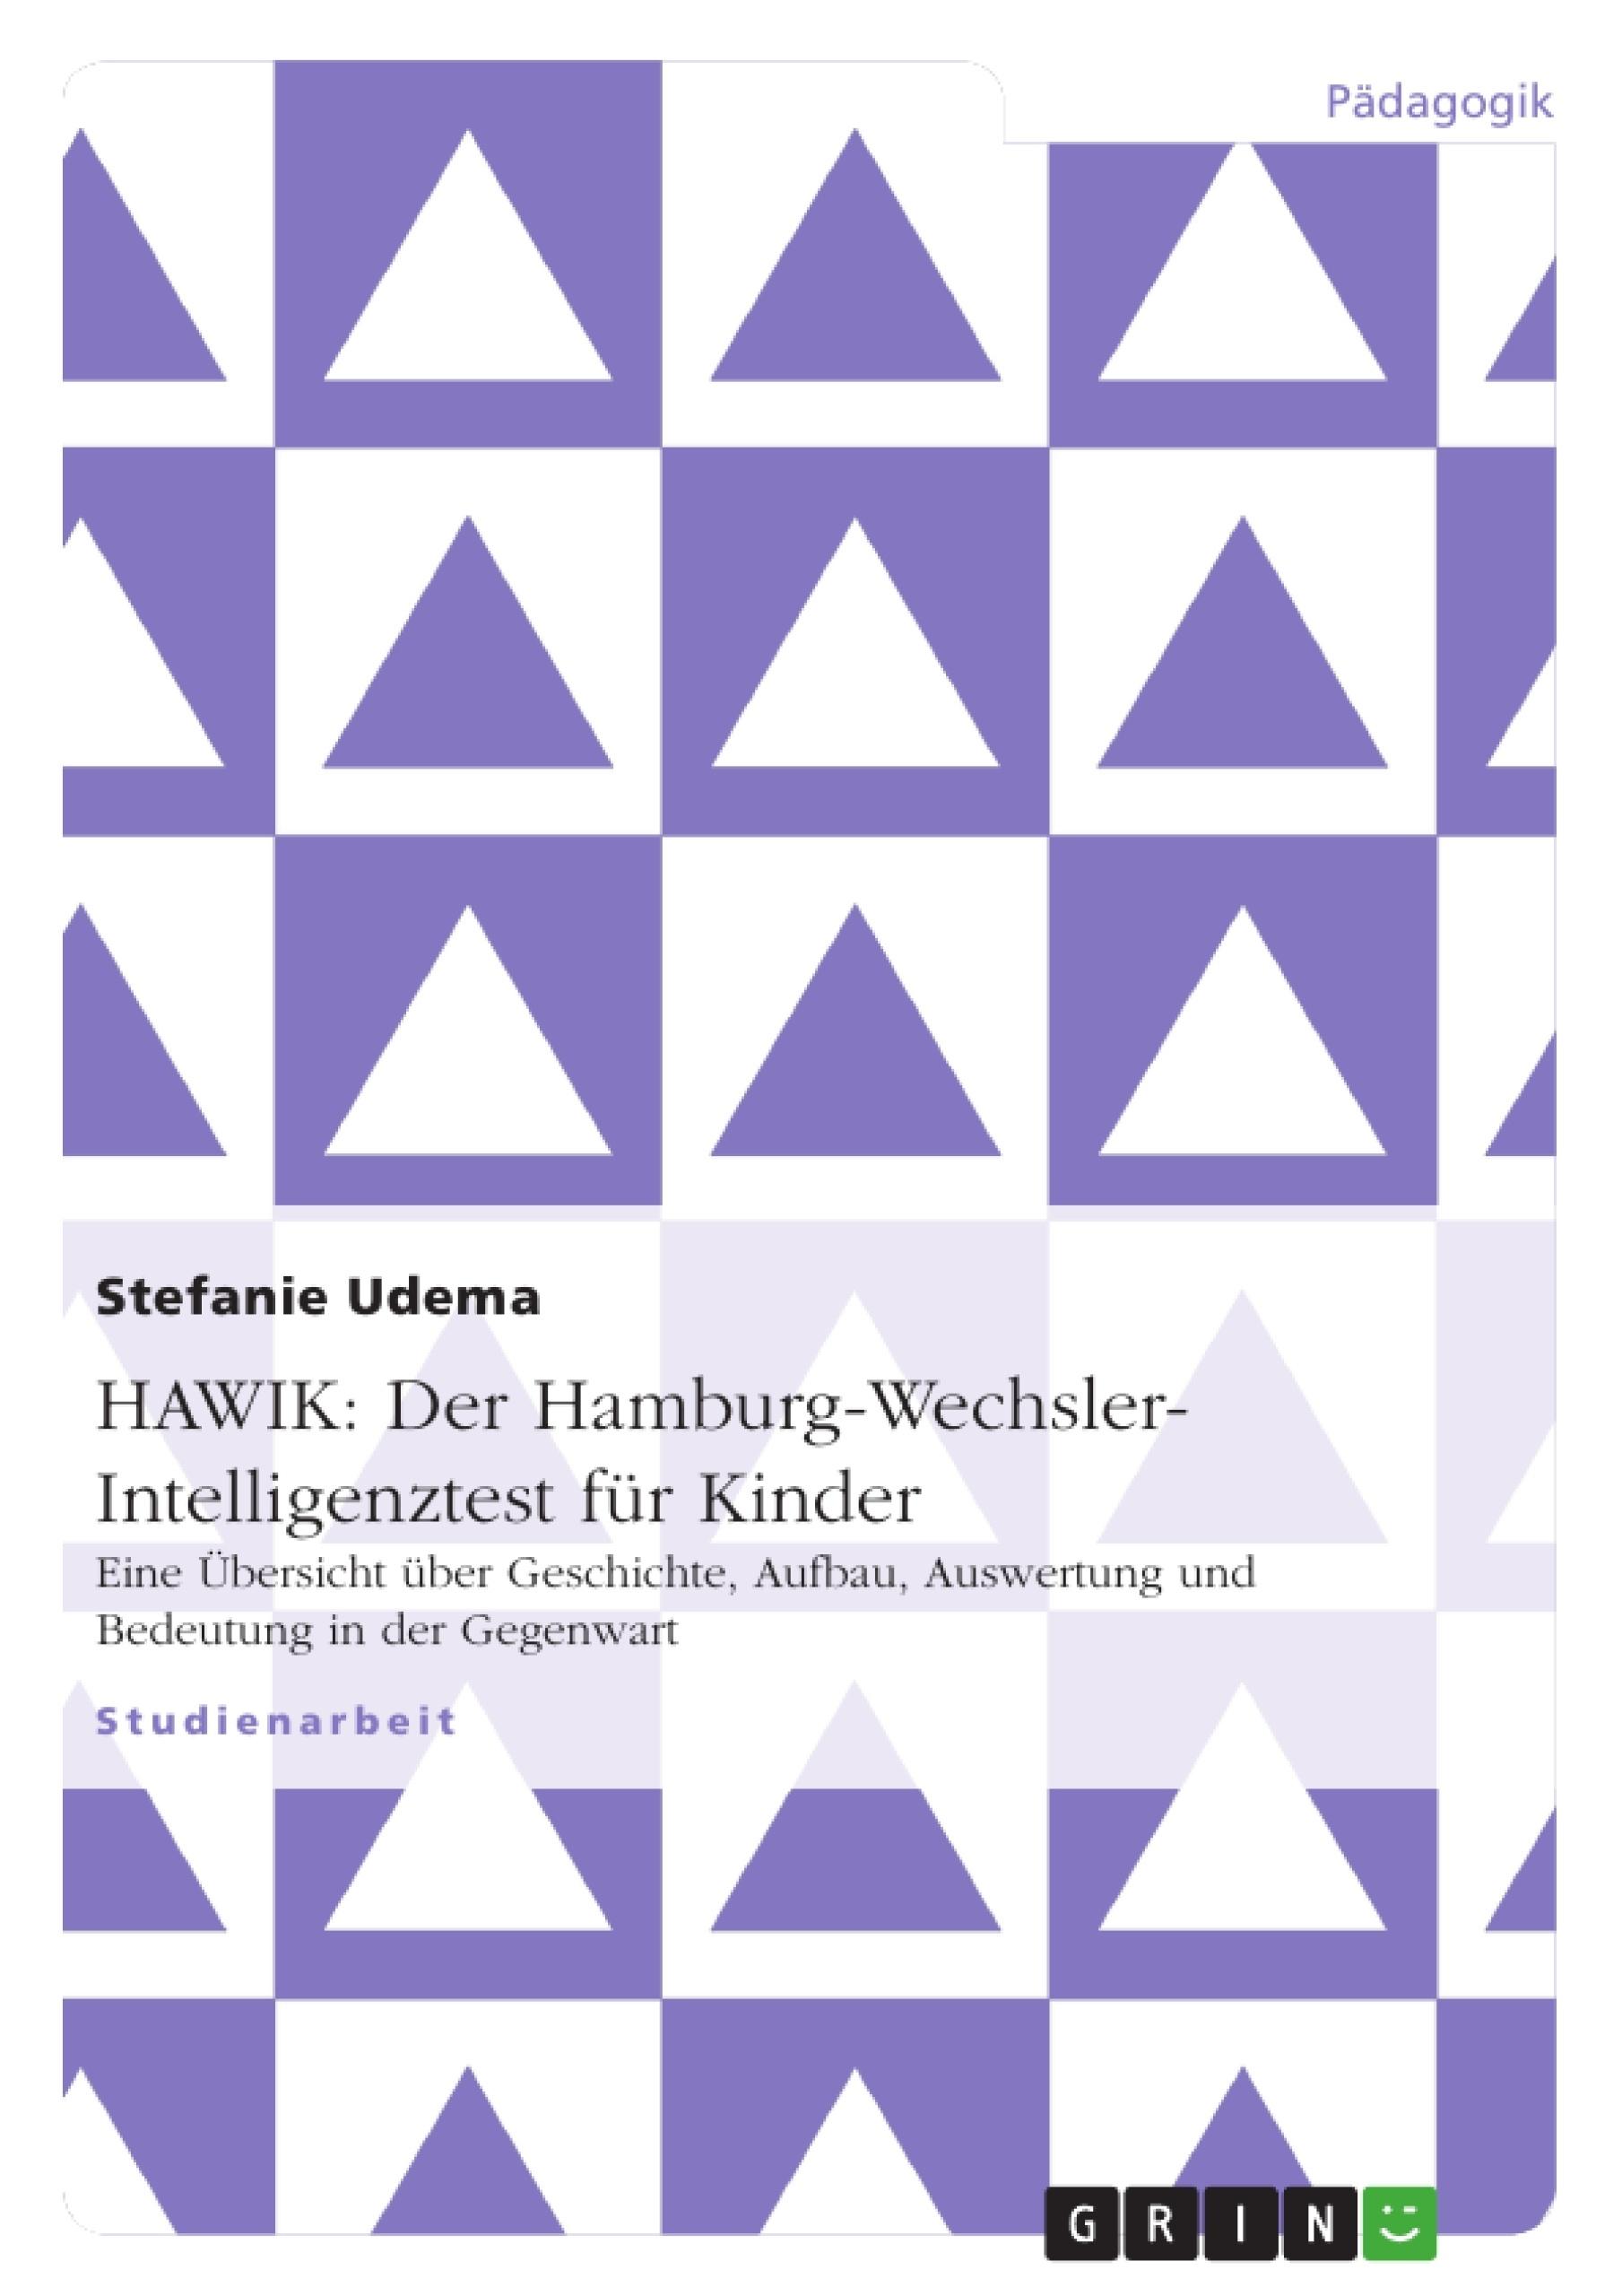 Titel: HAWIK: Der Hamburg-Wechsler-Intelligenztest für Kinder